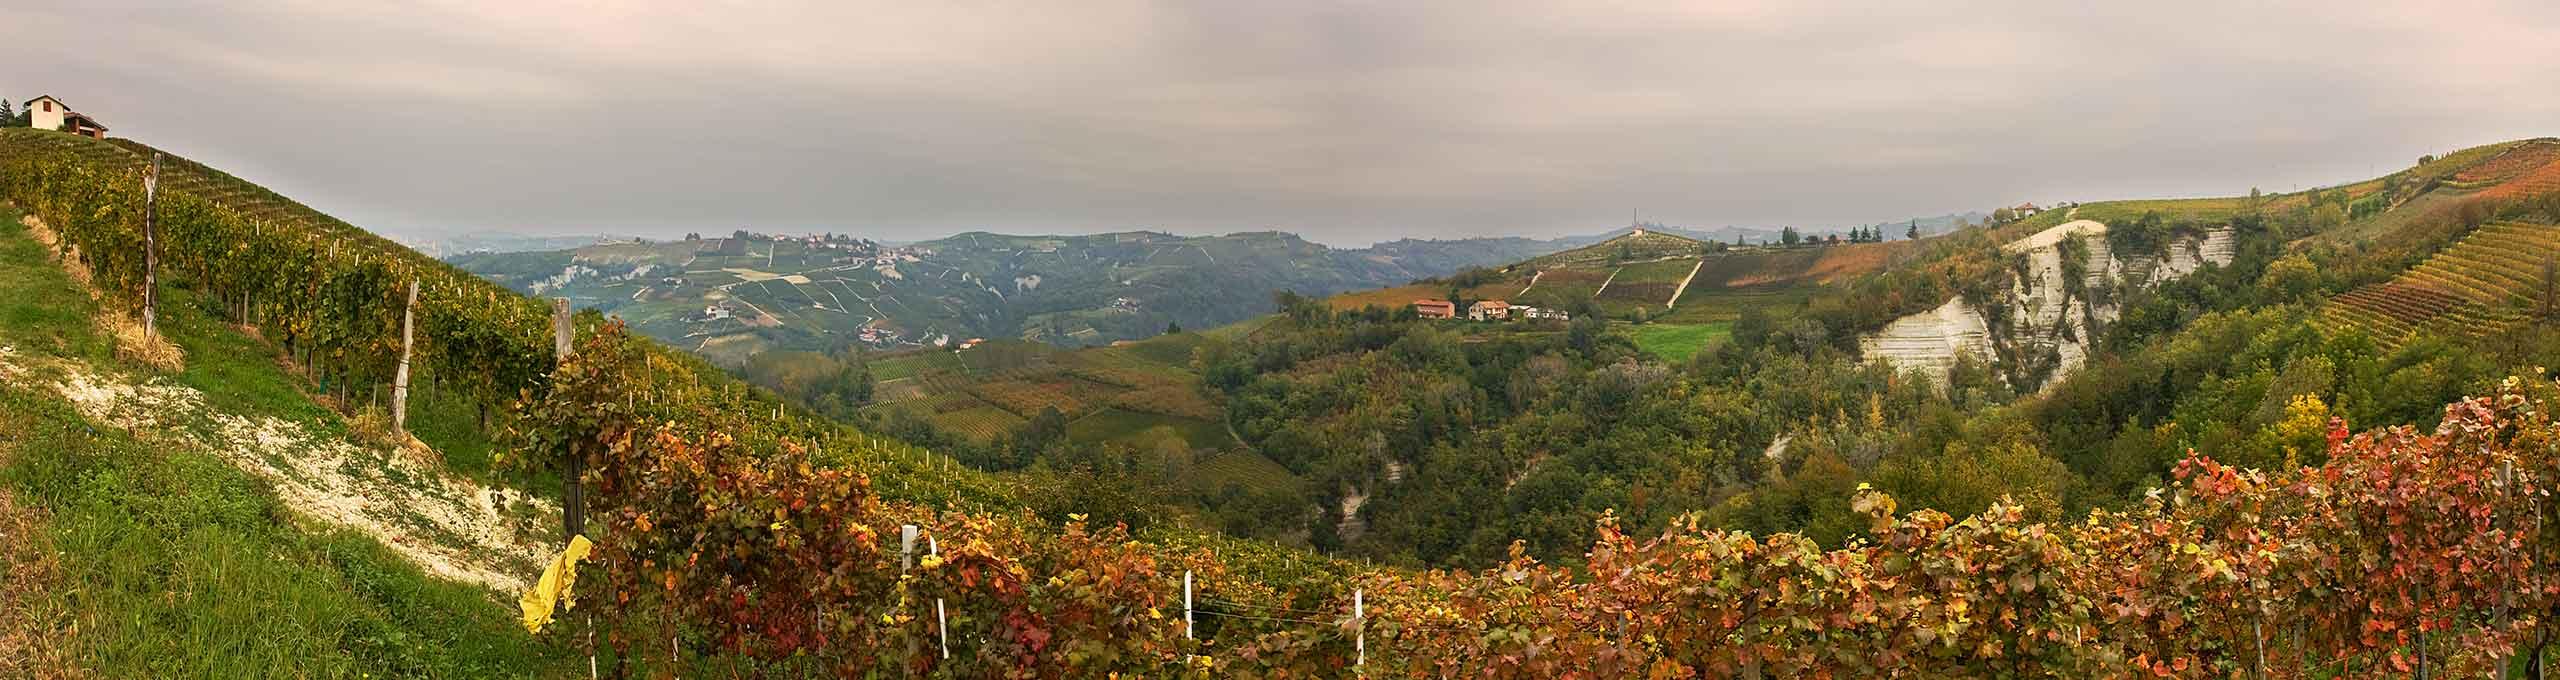 Borgomale, zona alta delle Langhe